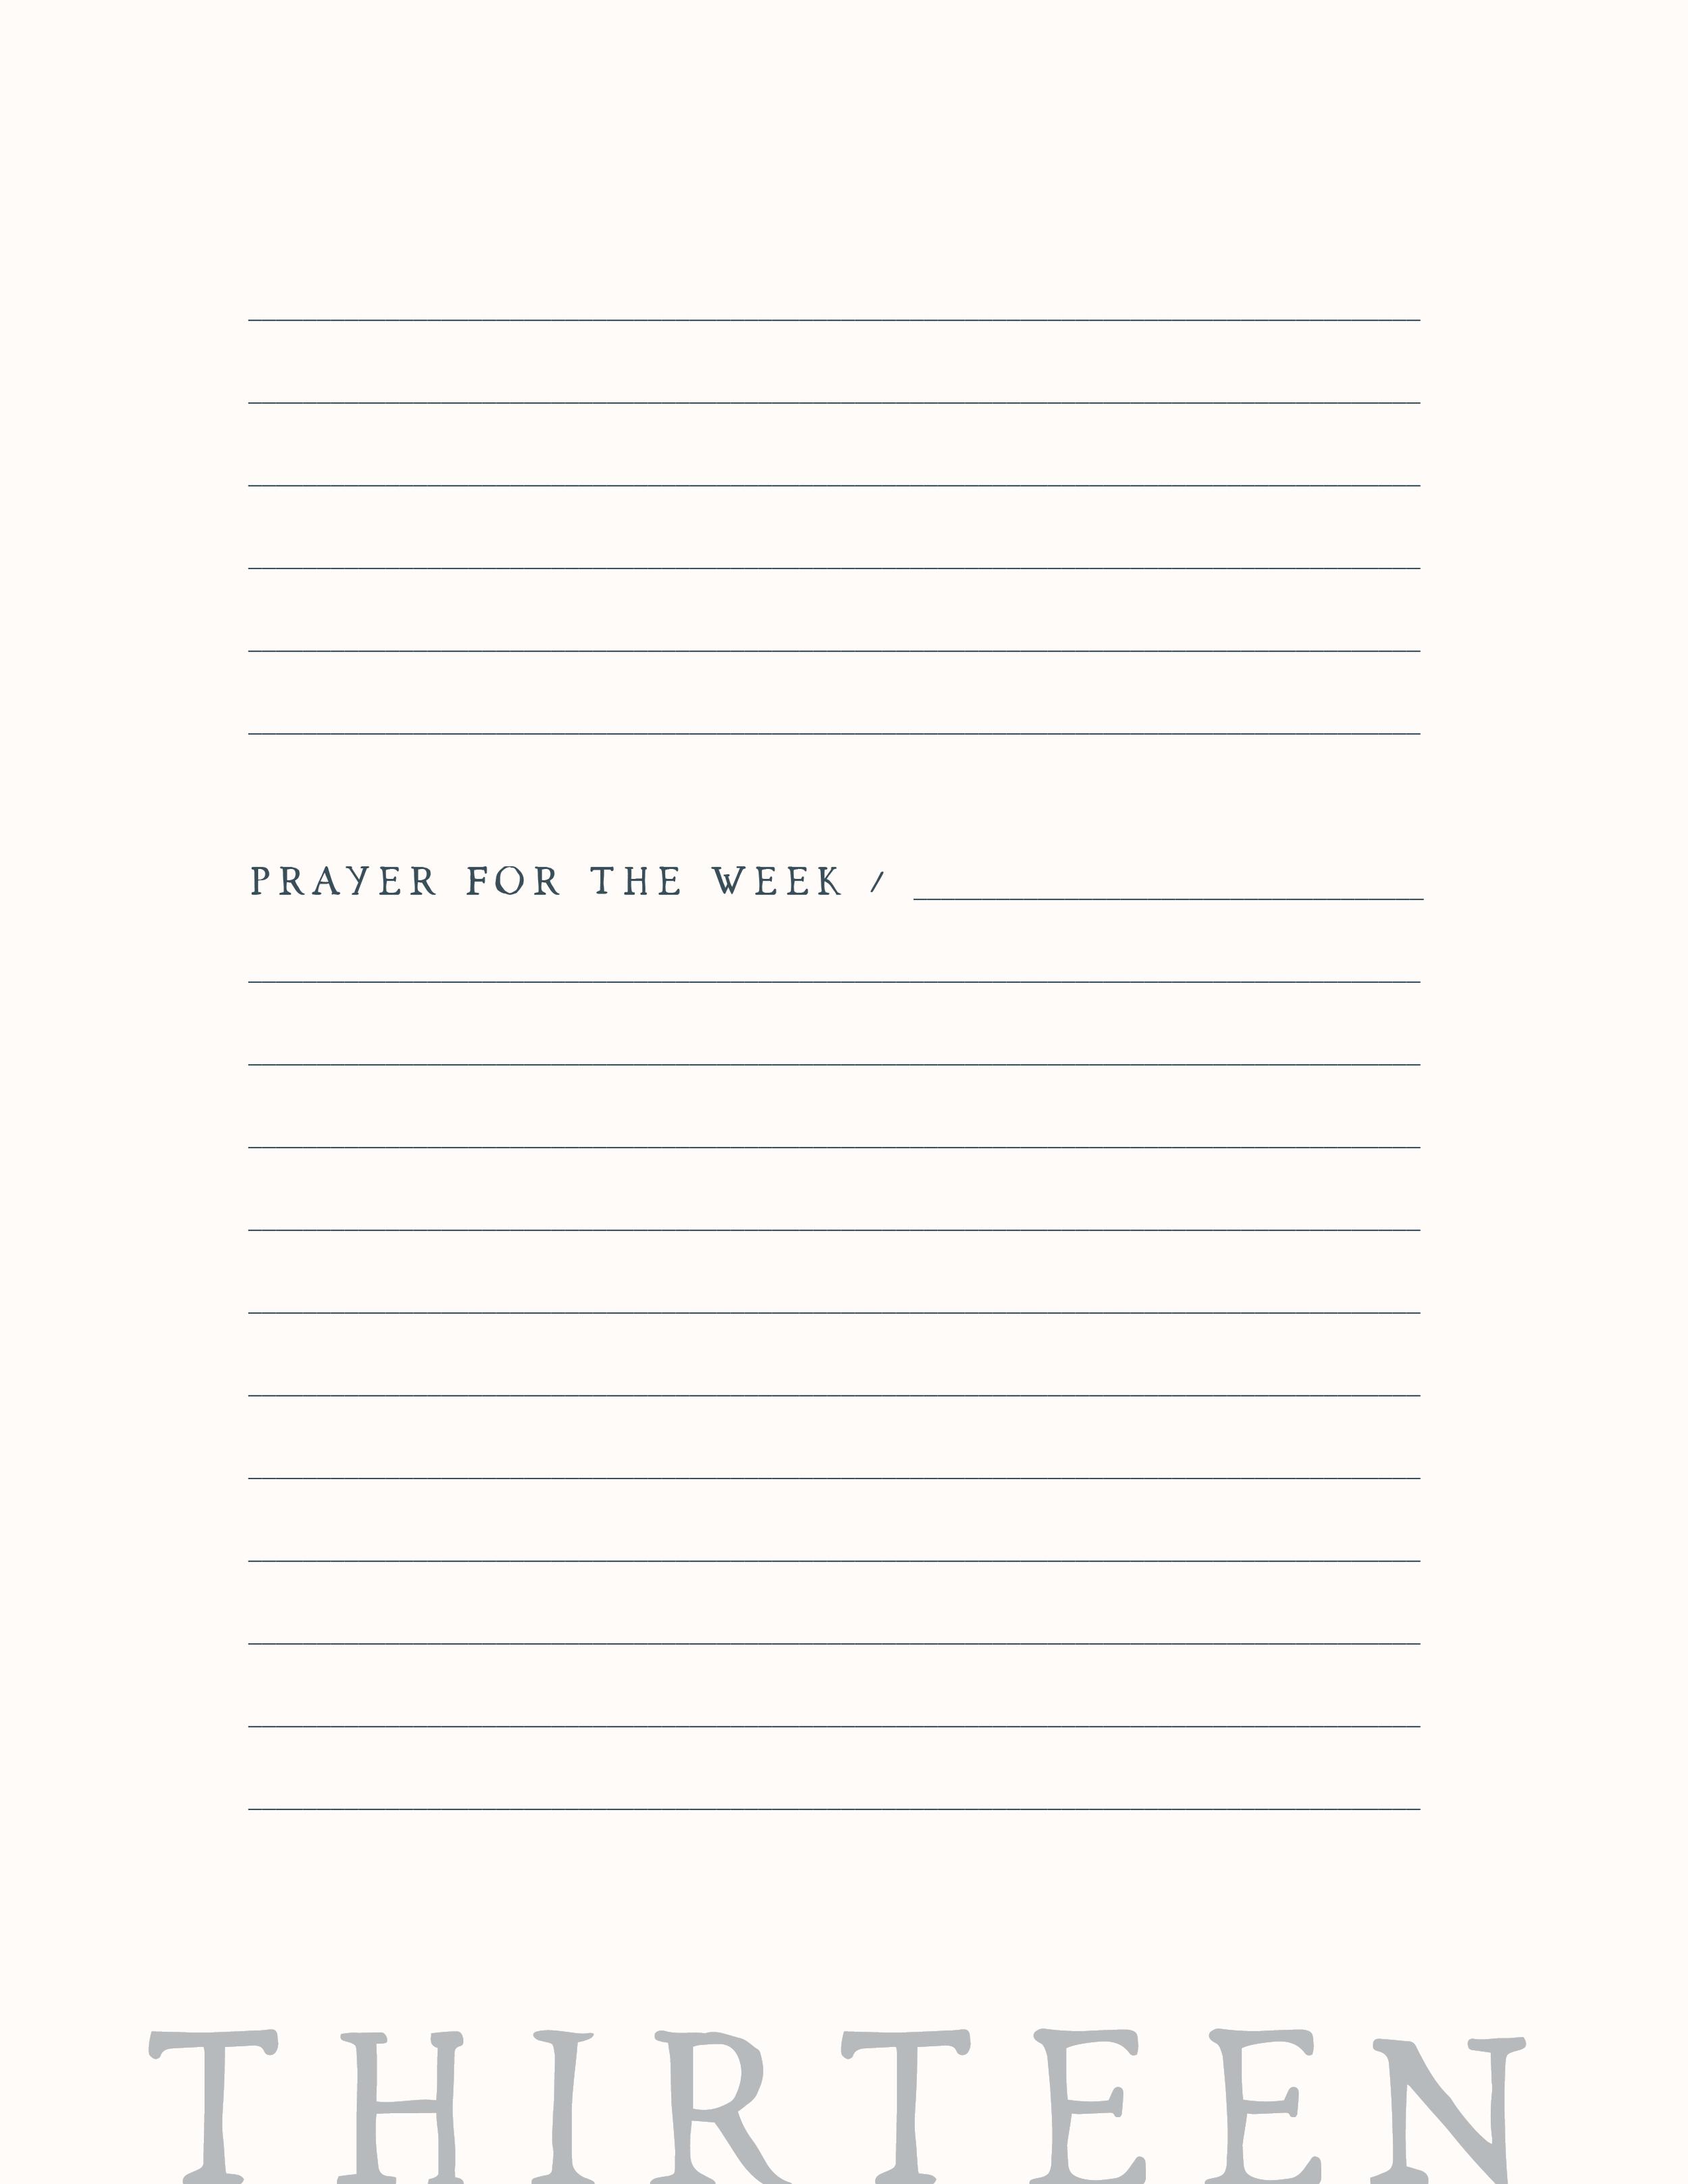 week132.png